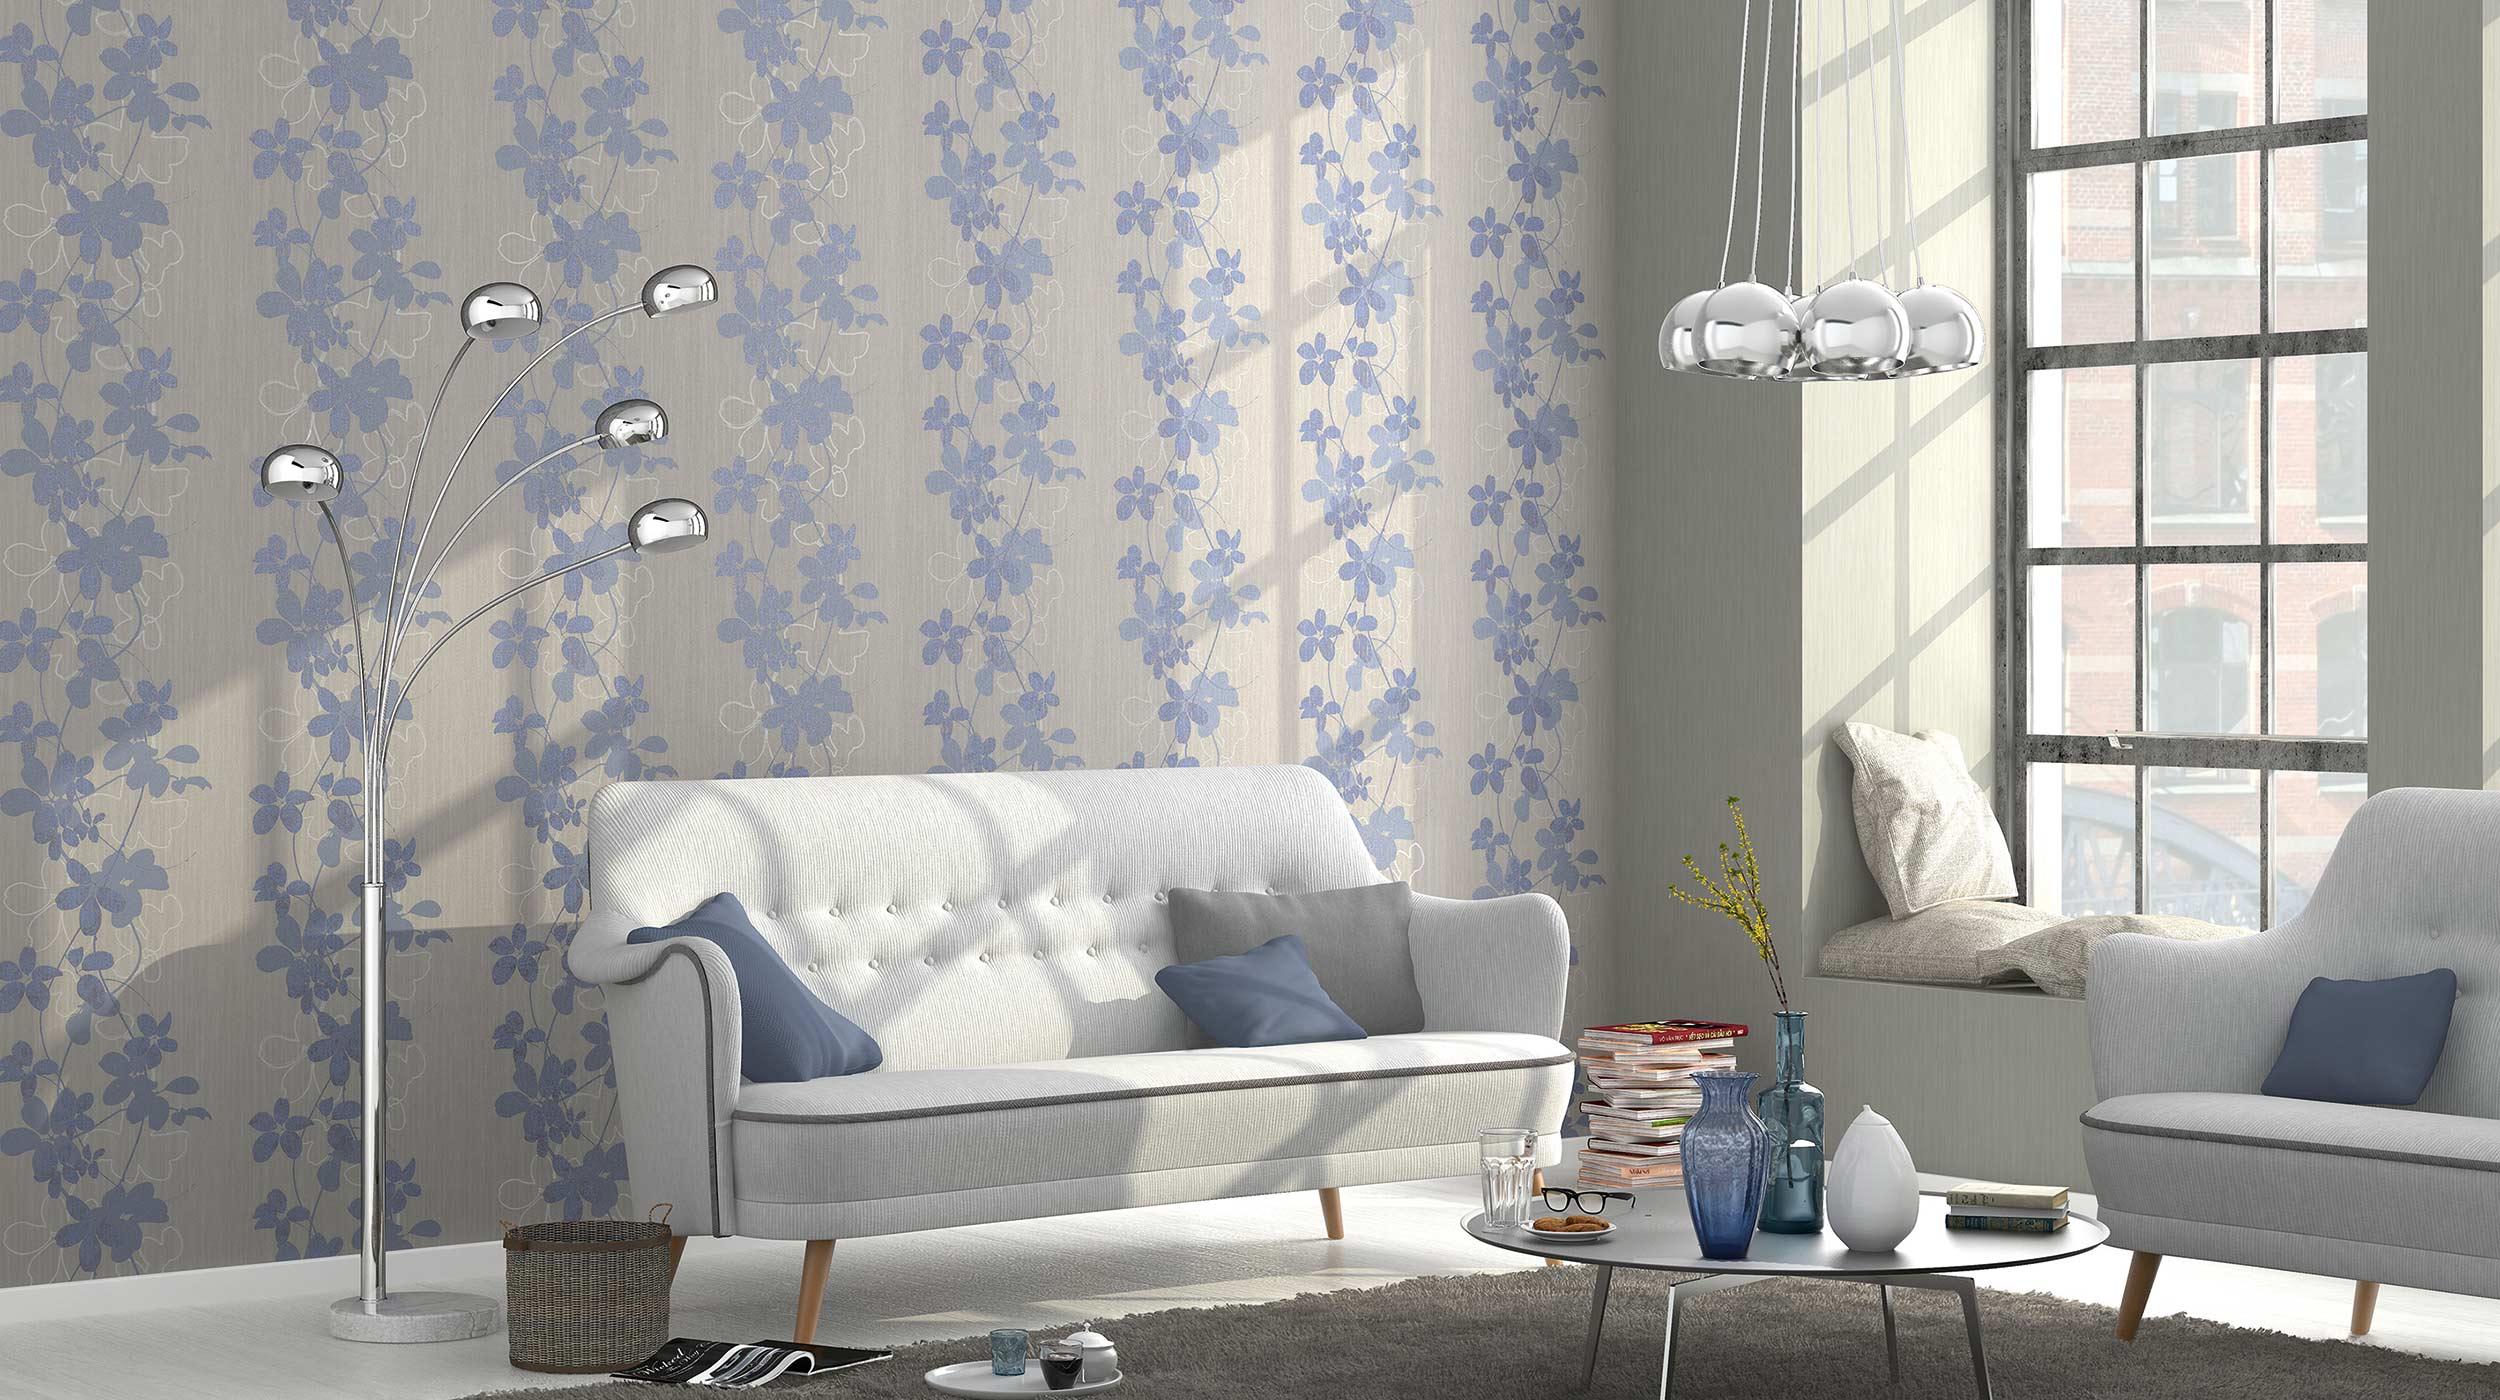 Full Size of Wohnzimmer Tapeten Ophelia Erismann Cie Gmbh Für Küche Moderne Deckenleuchte Lampe Wandtattoos Teppich Deckenlampen Komplett Liege Deckenleuchten Vorhänge Wohnzimmer Wohnzimmer Tapeten